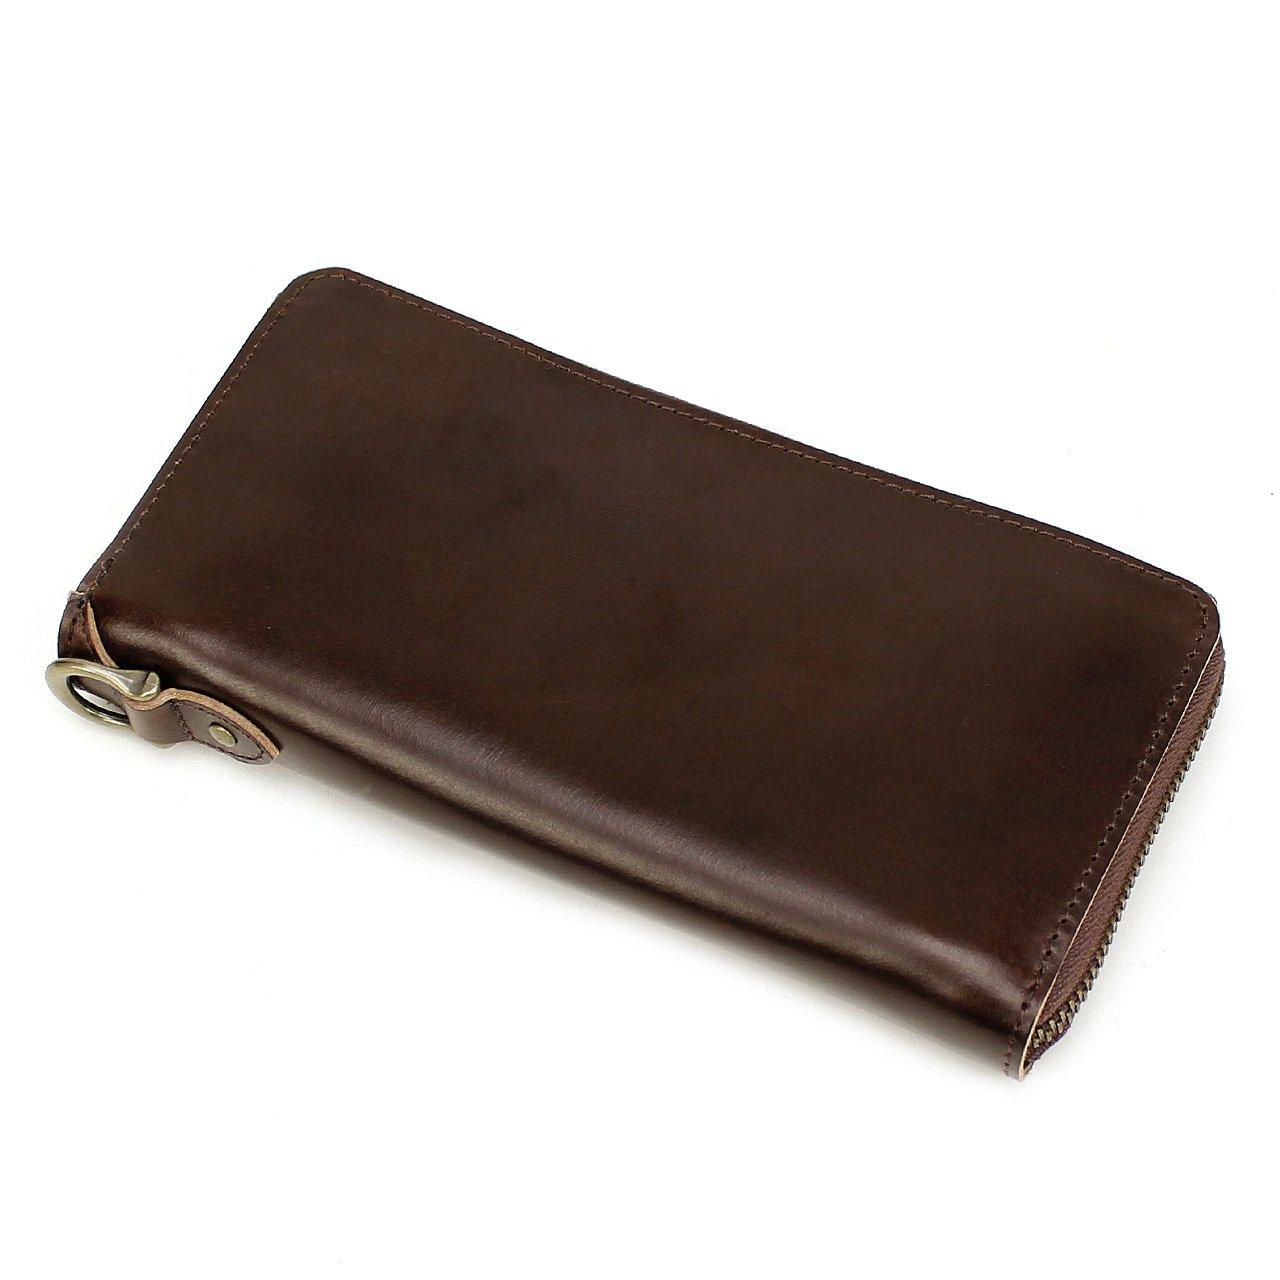 AVIREX BEIDE SERIES アヴィレックス バイドシリーズ ラウンドファスナー長財布 小銭入れあり AVX1806 B01N31G9KG チョコ